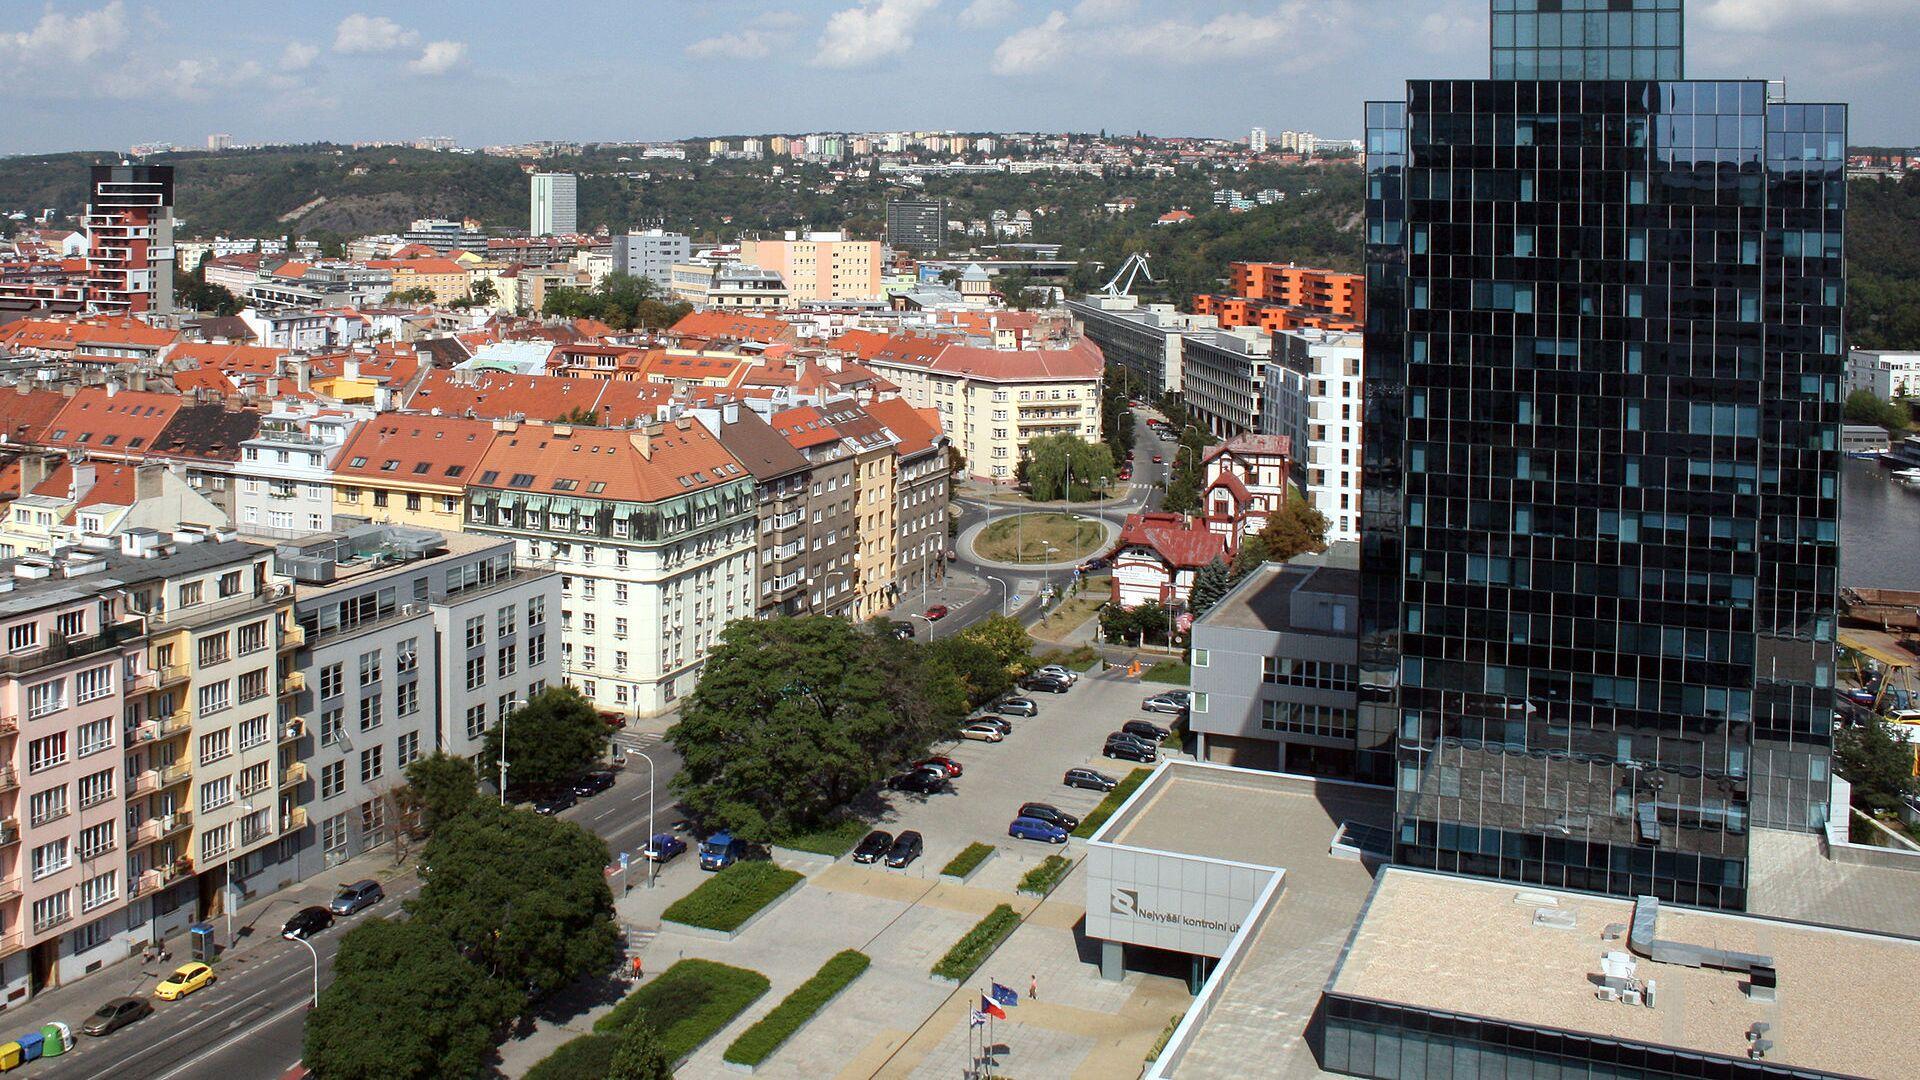 Pohled na budovu NKÚ a část Holešovic z vrcholu Lighthouse Vltava Waterfront Towers v pražských Holešovicích. - Sputnik Česká republika, 1920, 07.06.2021